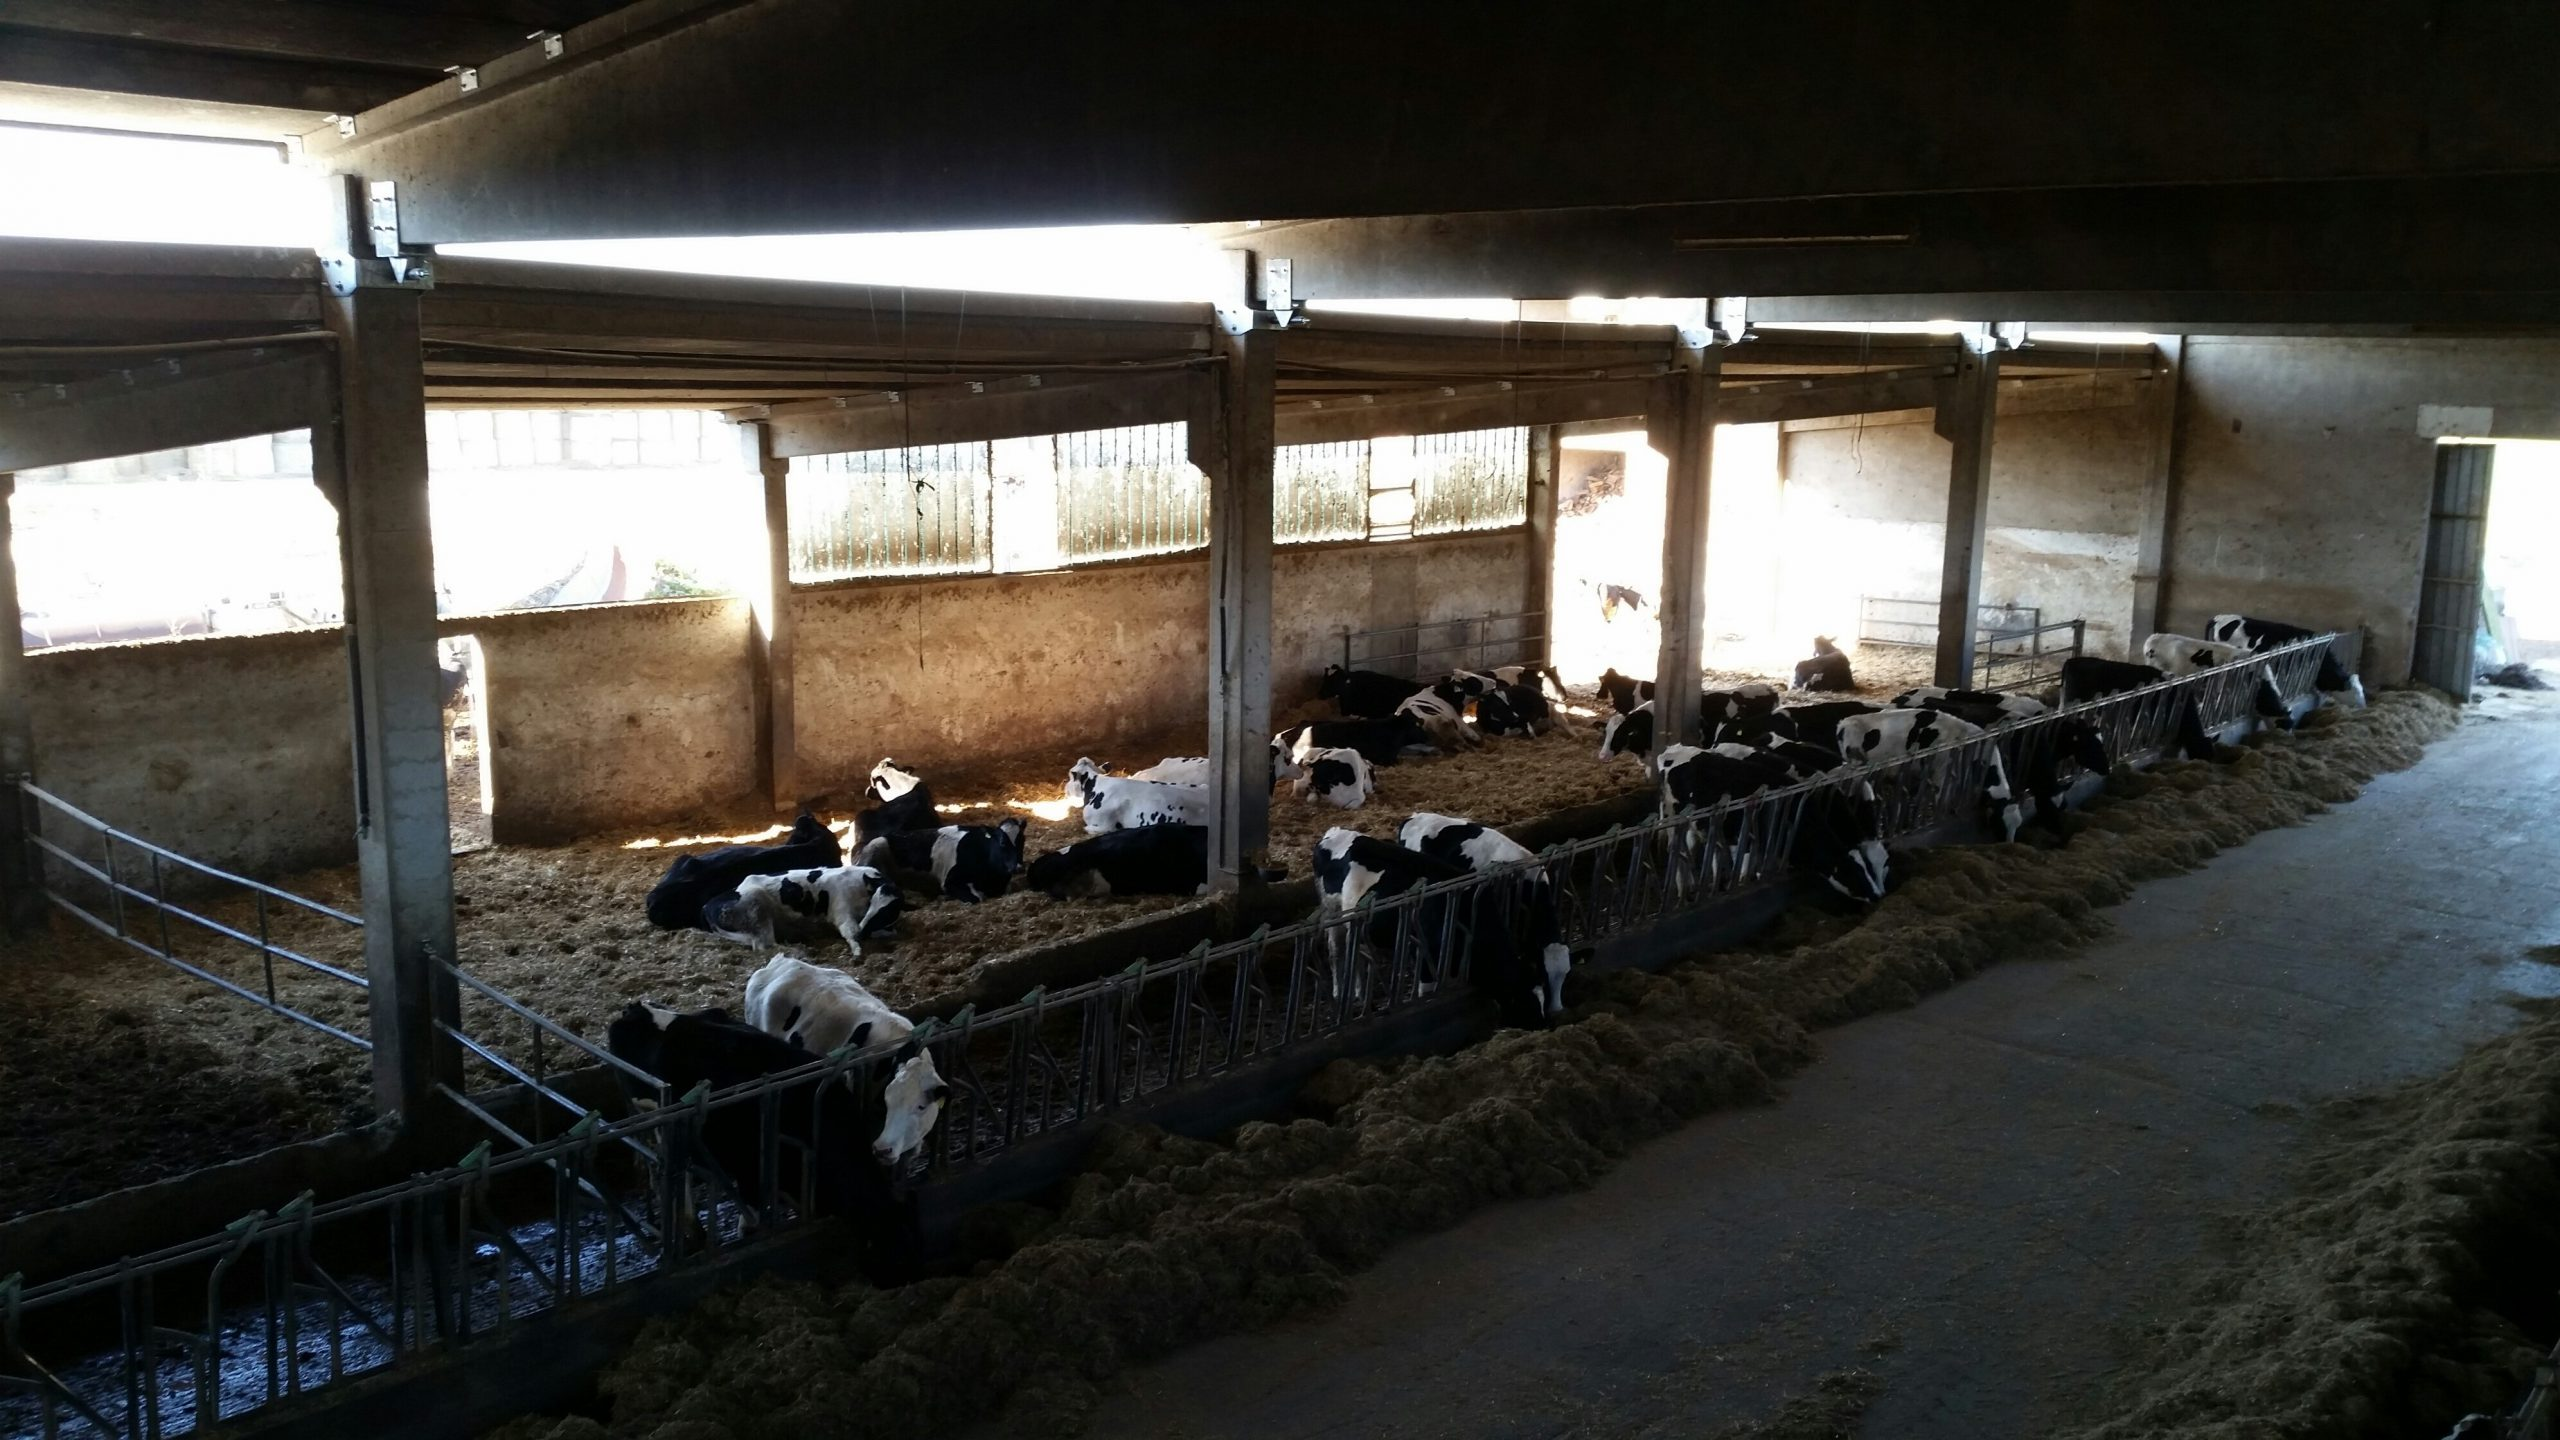 Complesso agricolo Reggio emilia - interno